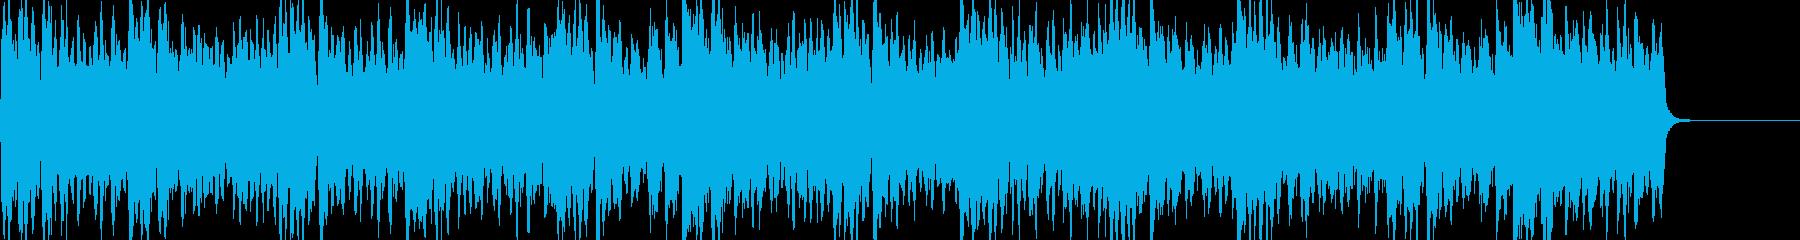 スティーヴ・ライヒ風ミニマルミュージックの再生済みの波形